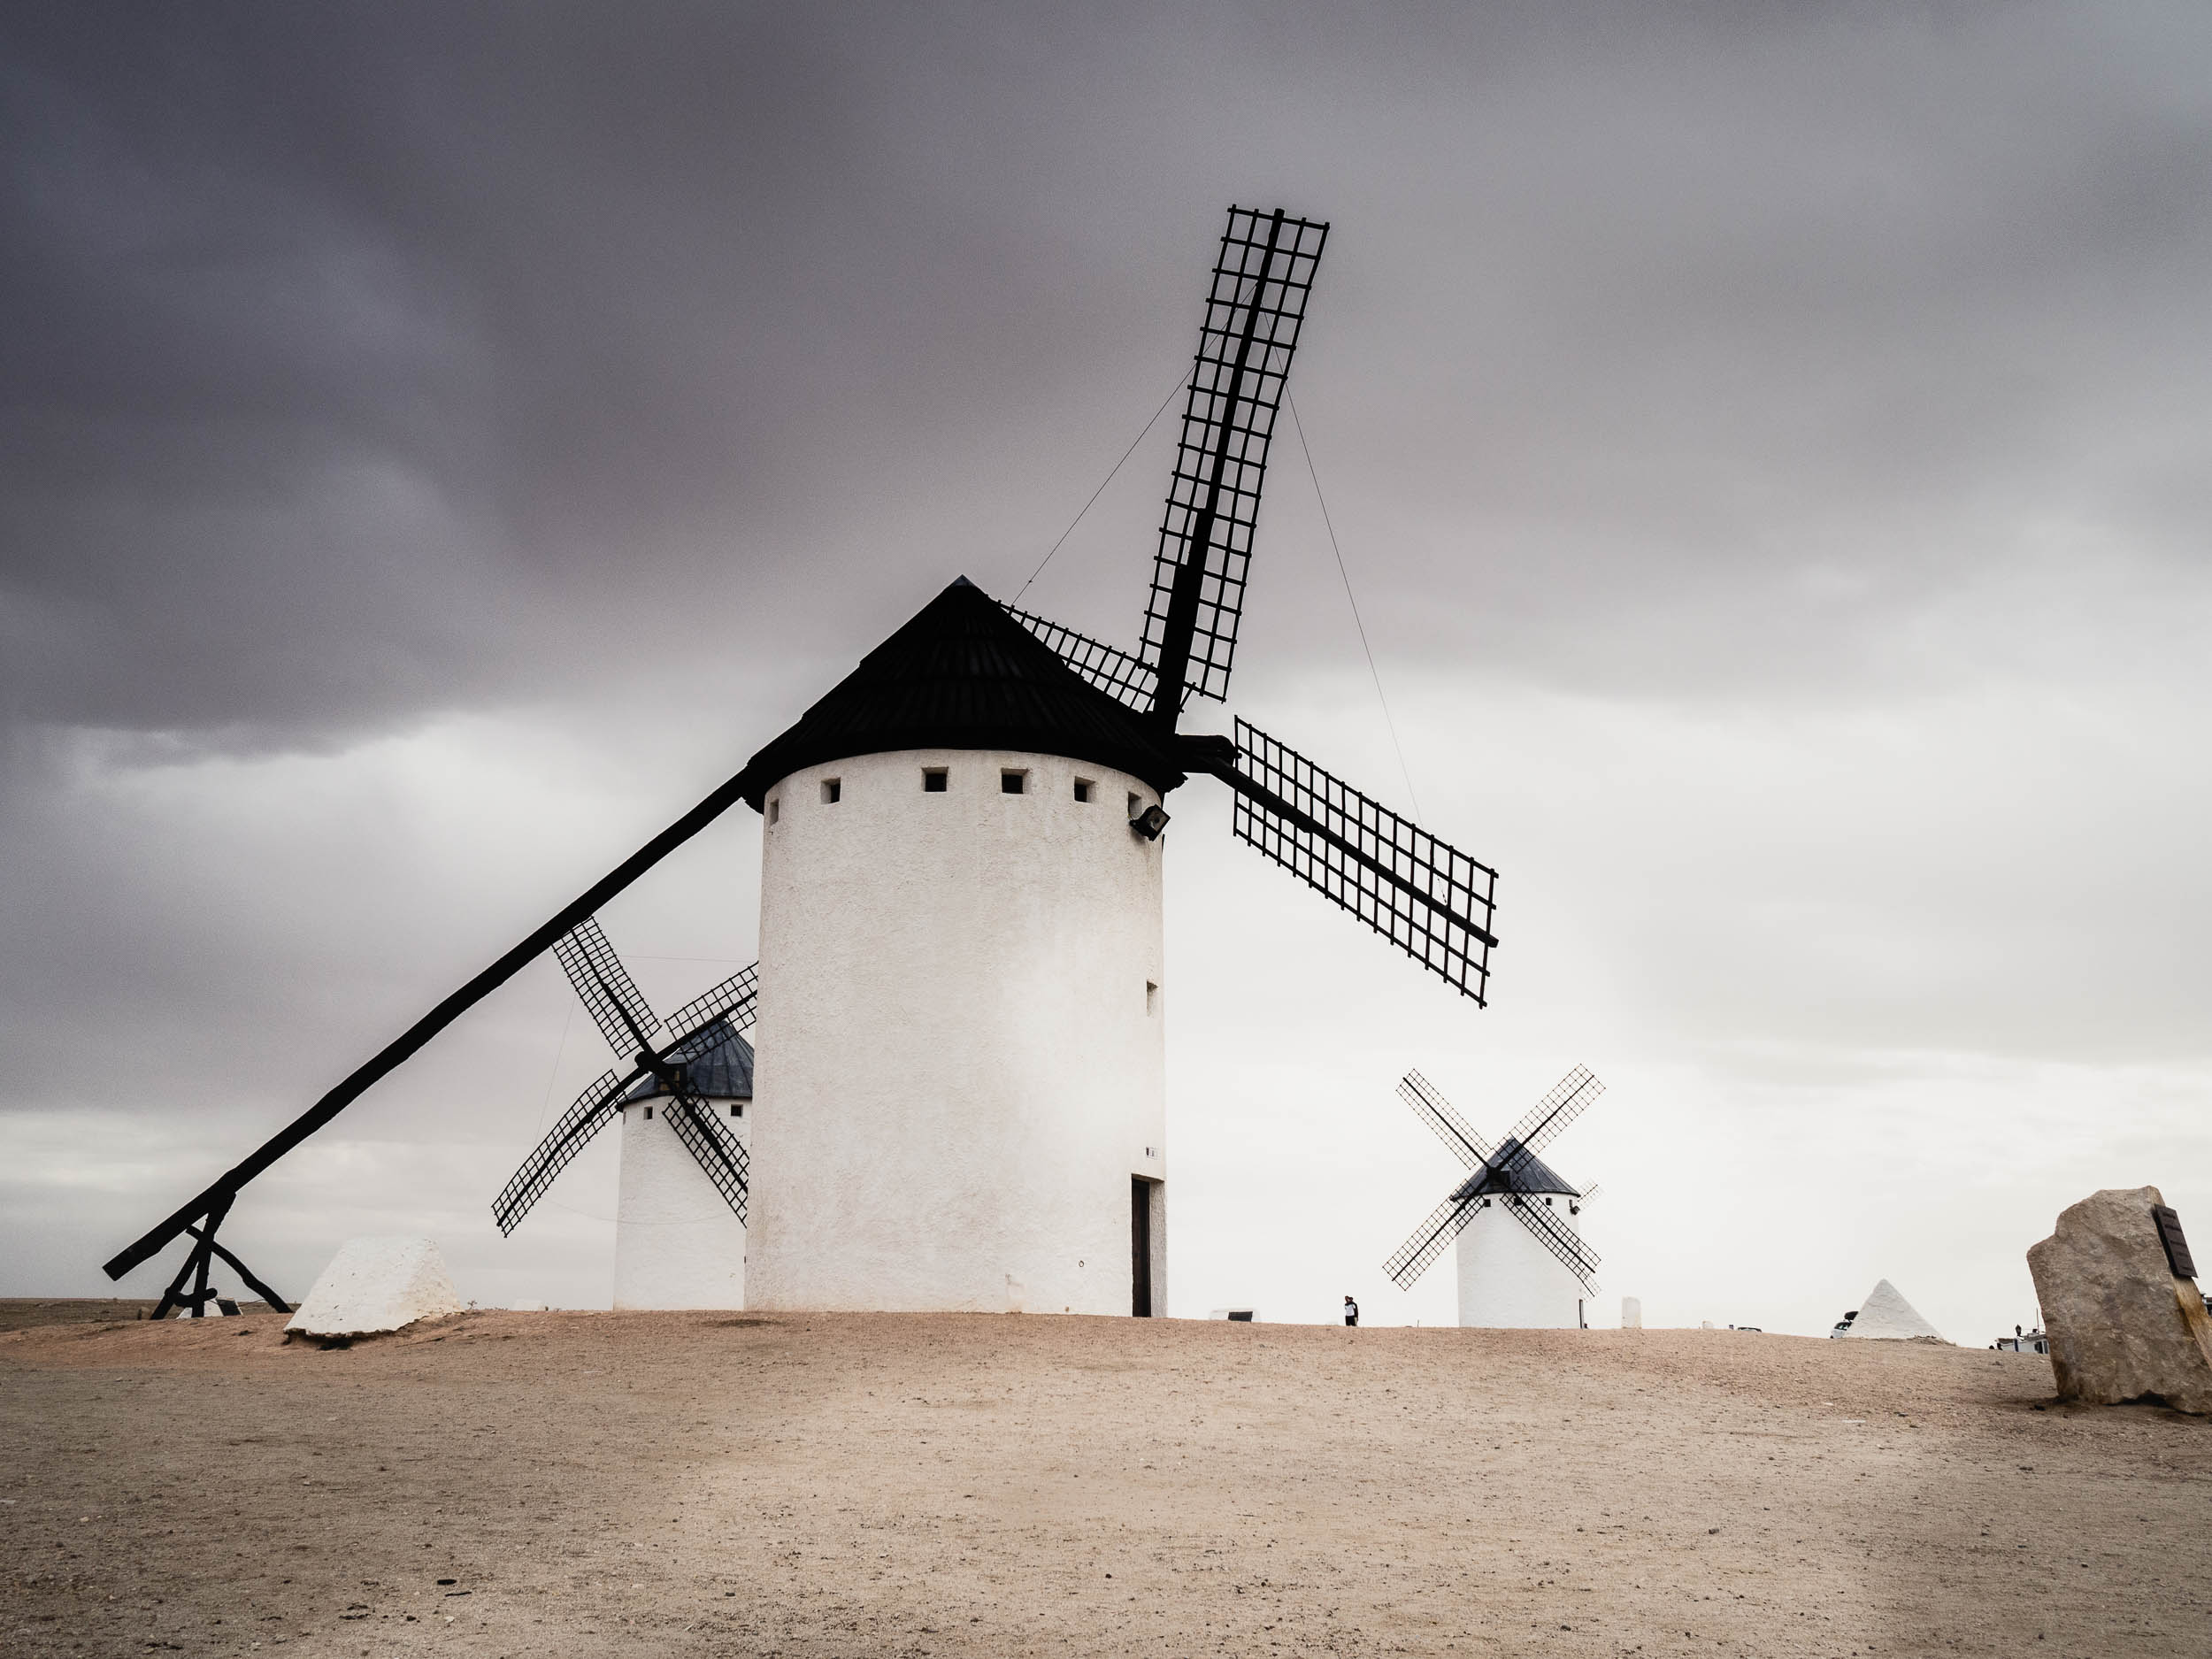 Windmills-8270142.jpg